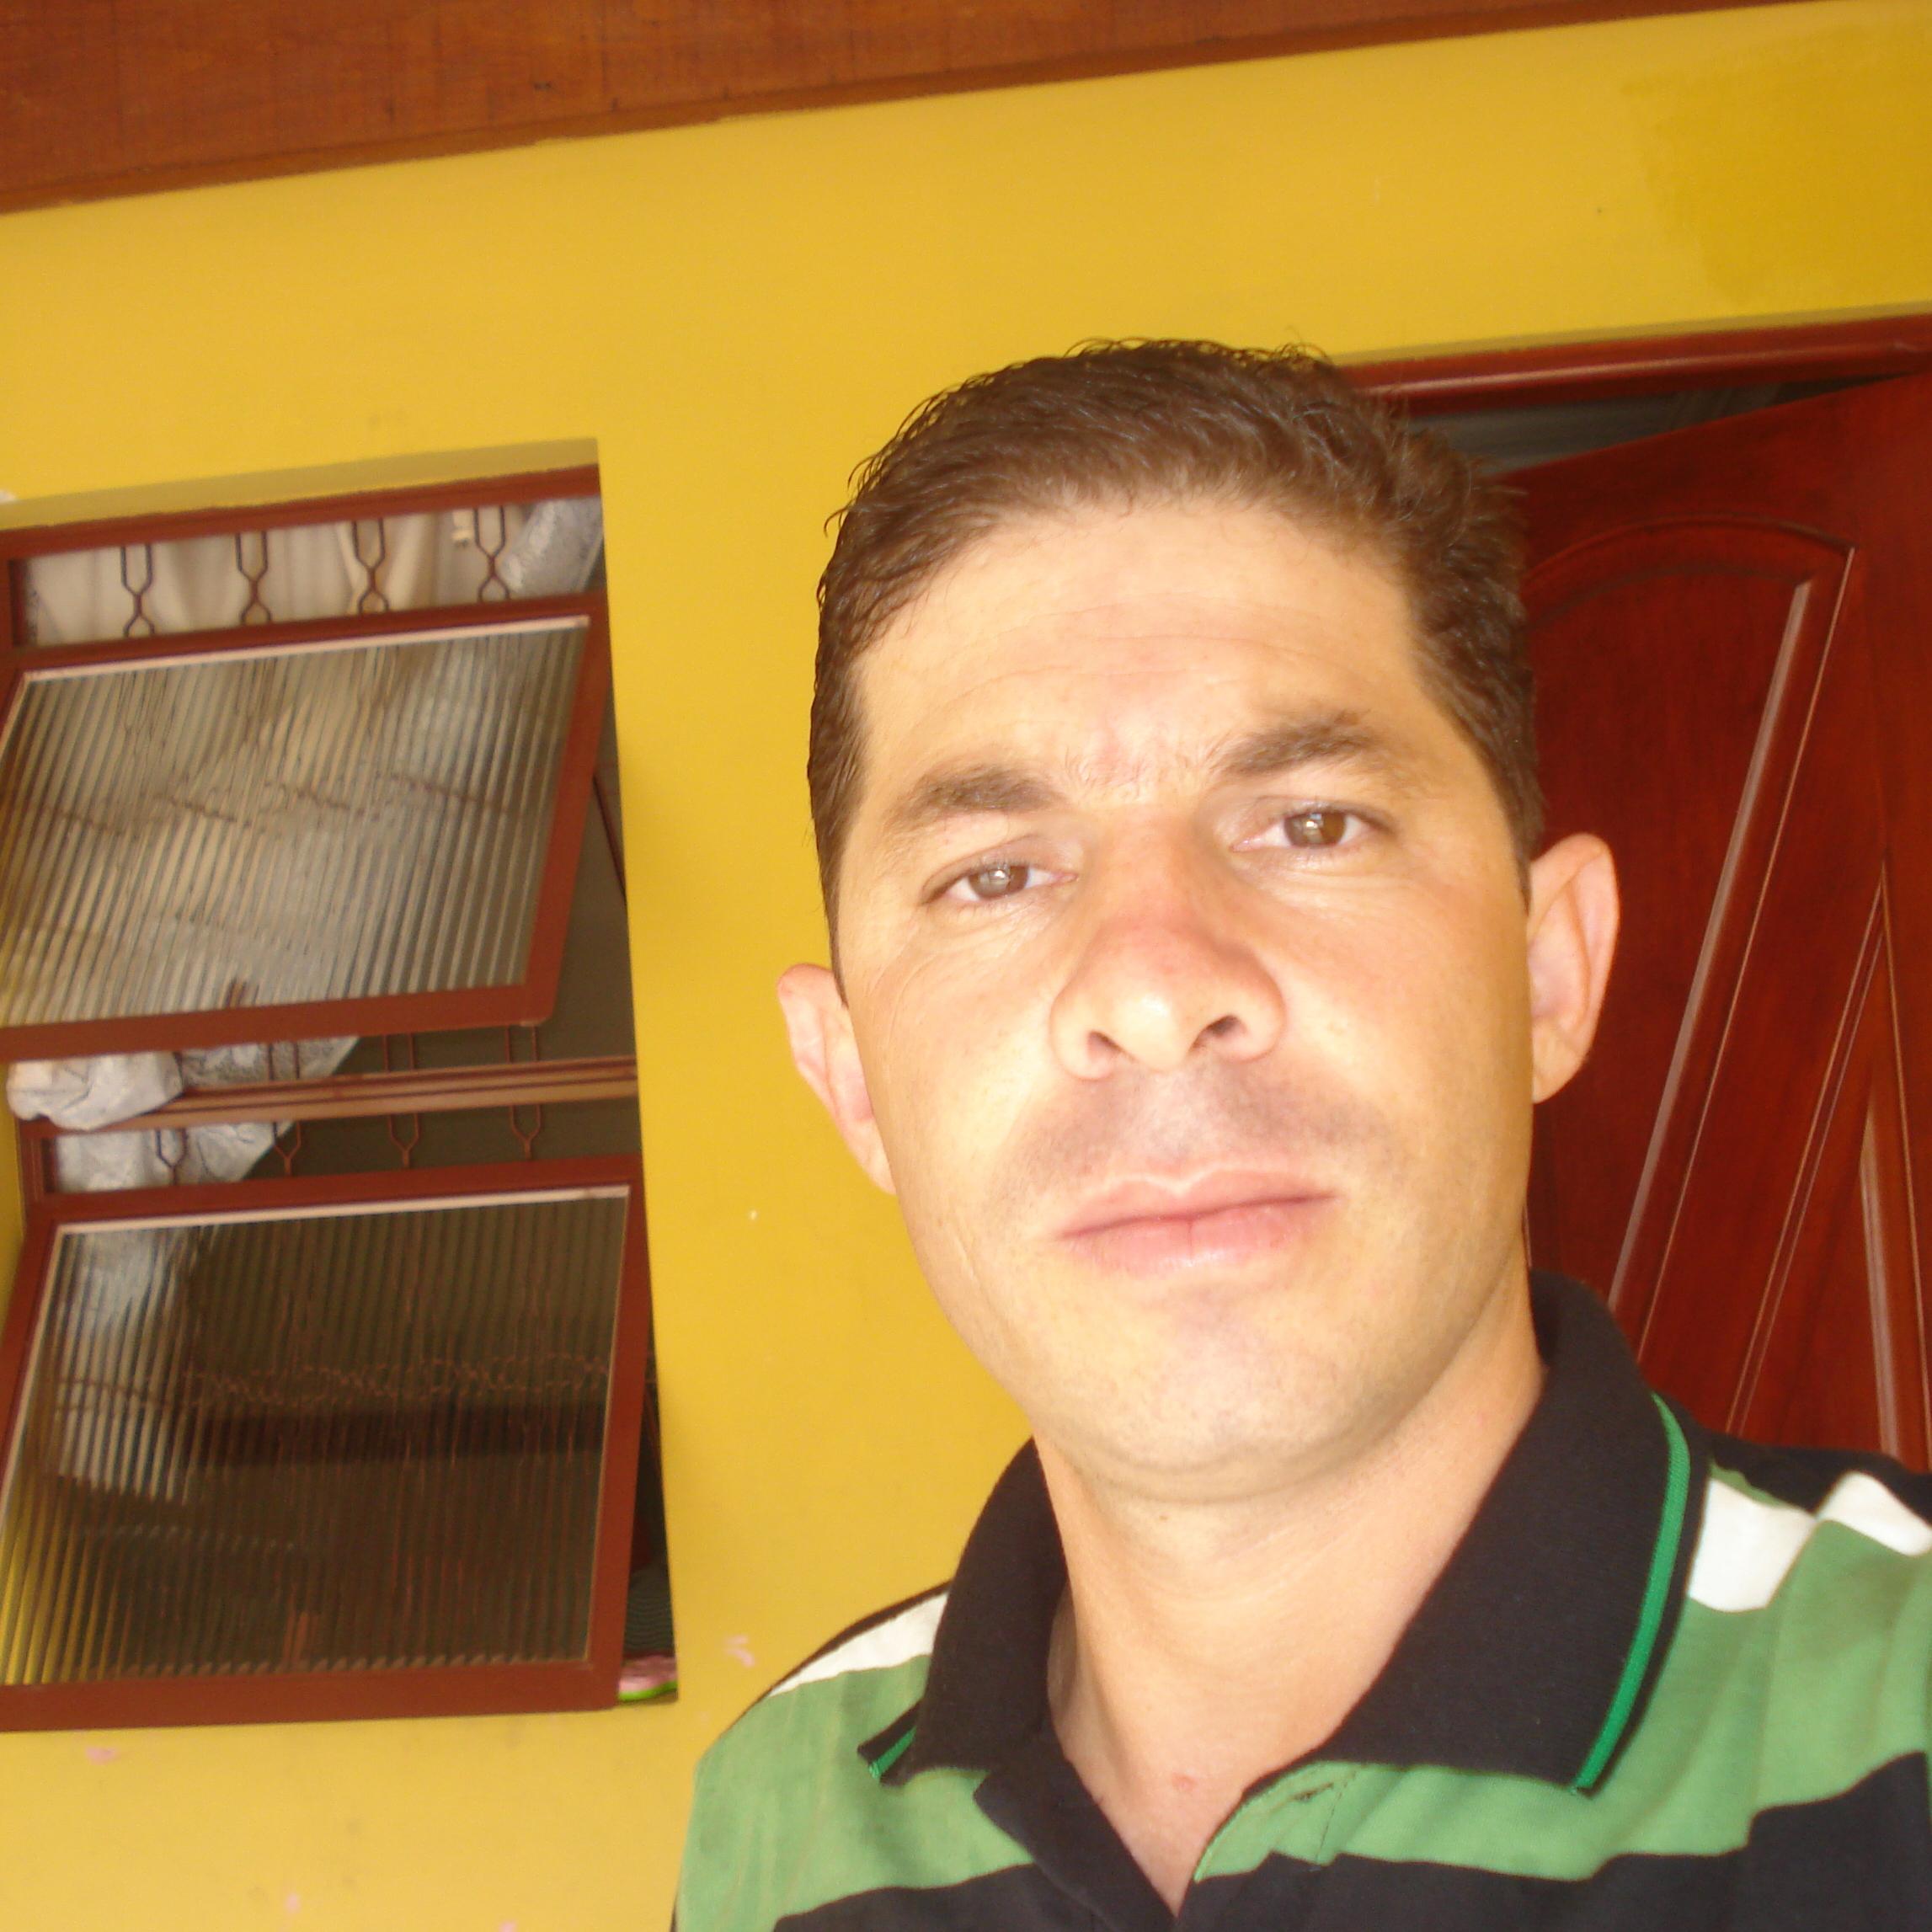 Antonio Carlos Alves Garcia